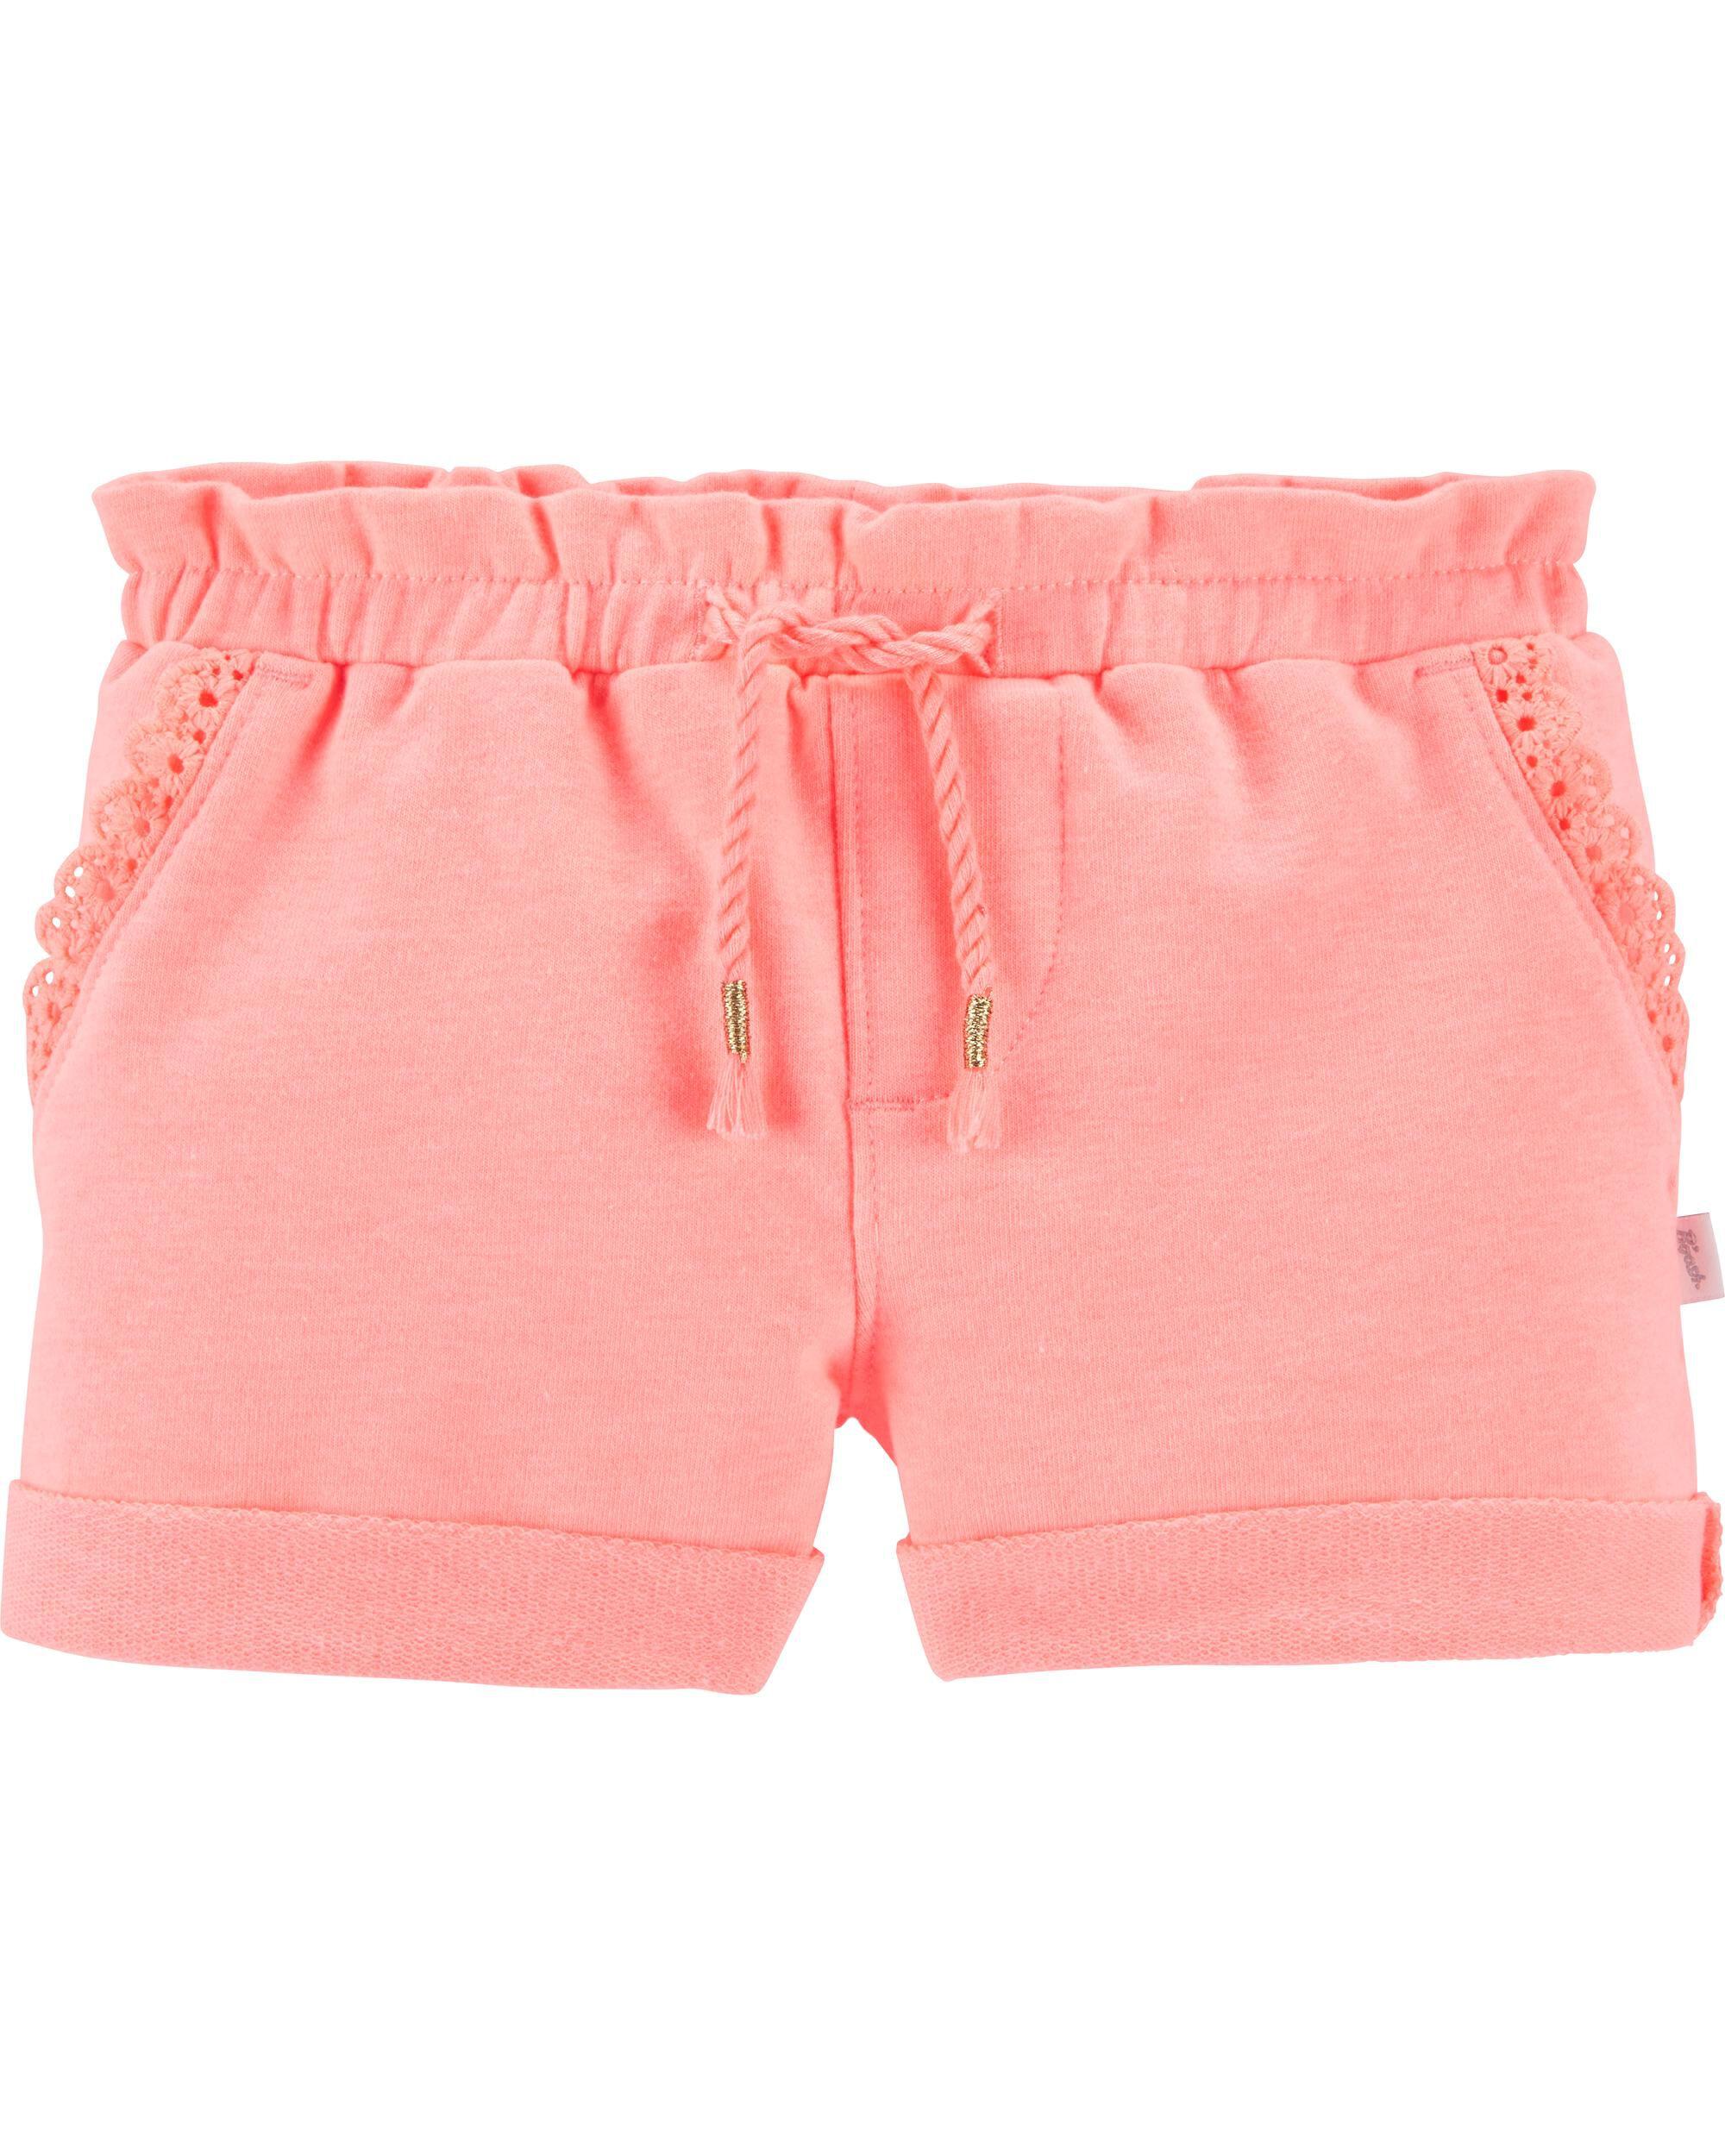 *Clearance*  Neon Ruffle Shorts